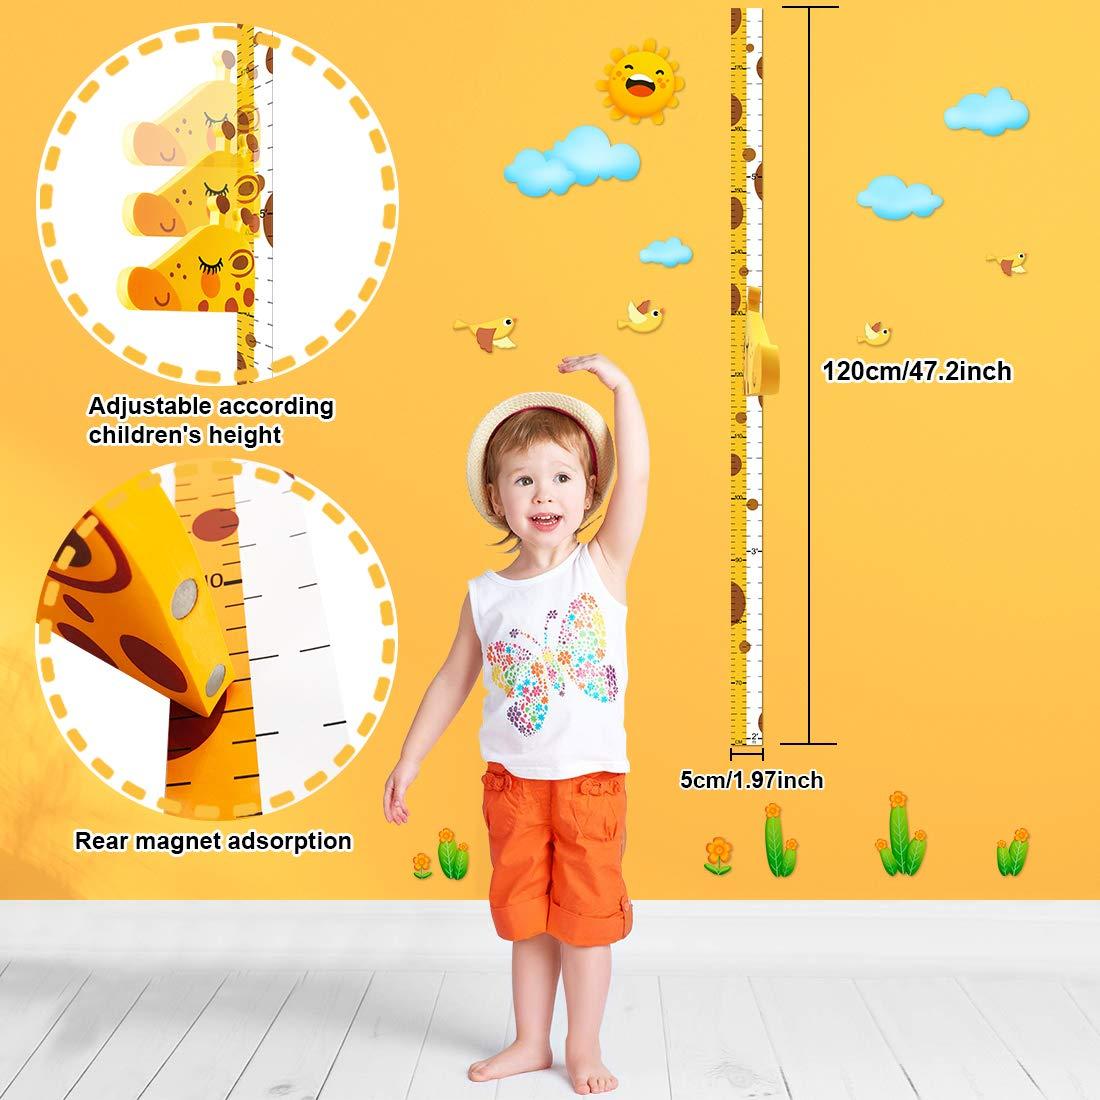 DUOUPA Tableau de Croissance Girafe R/ègle Gradu/ée pour Toise 3D Support Ecriture Taille Appuie-T/ête Amovible EVA Portable Stickers Autocollants Muraux Chambre dEnfants